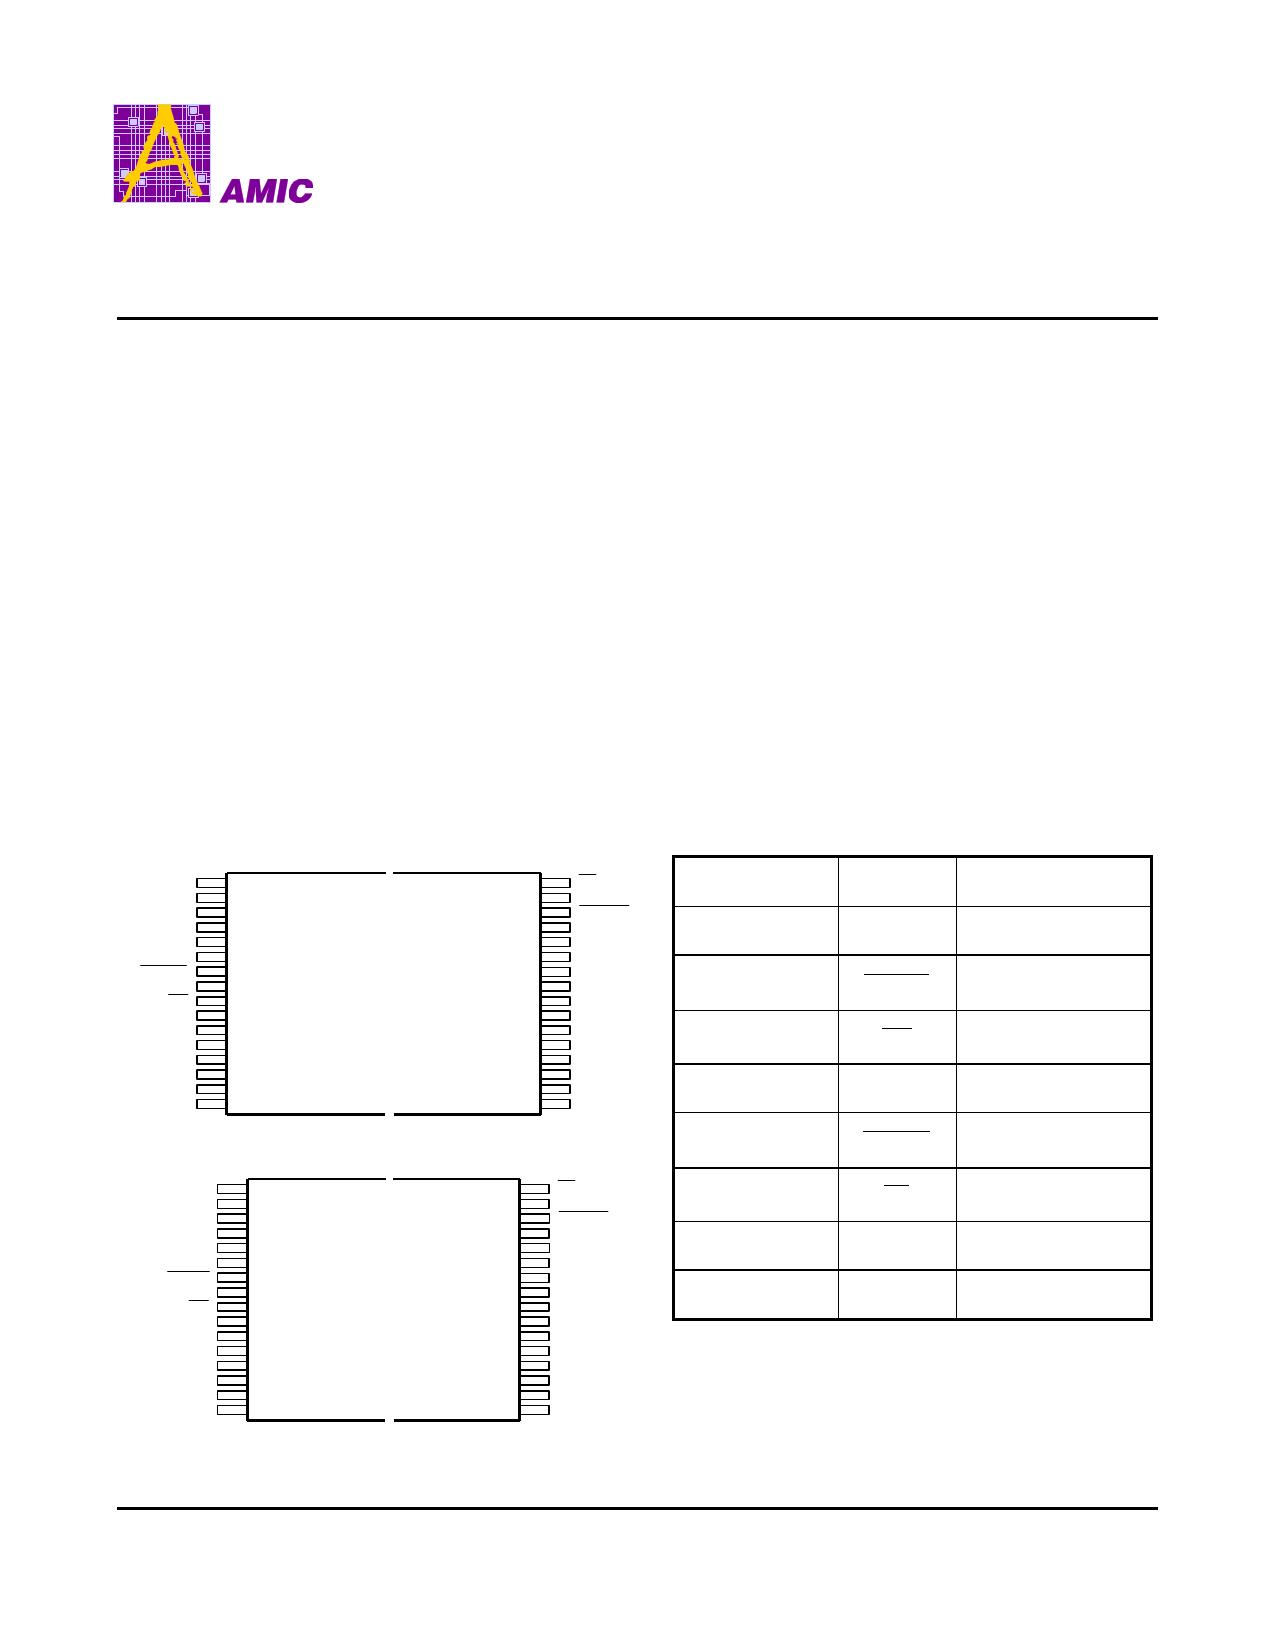 A26E001AV pdf, schematic